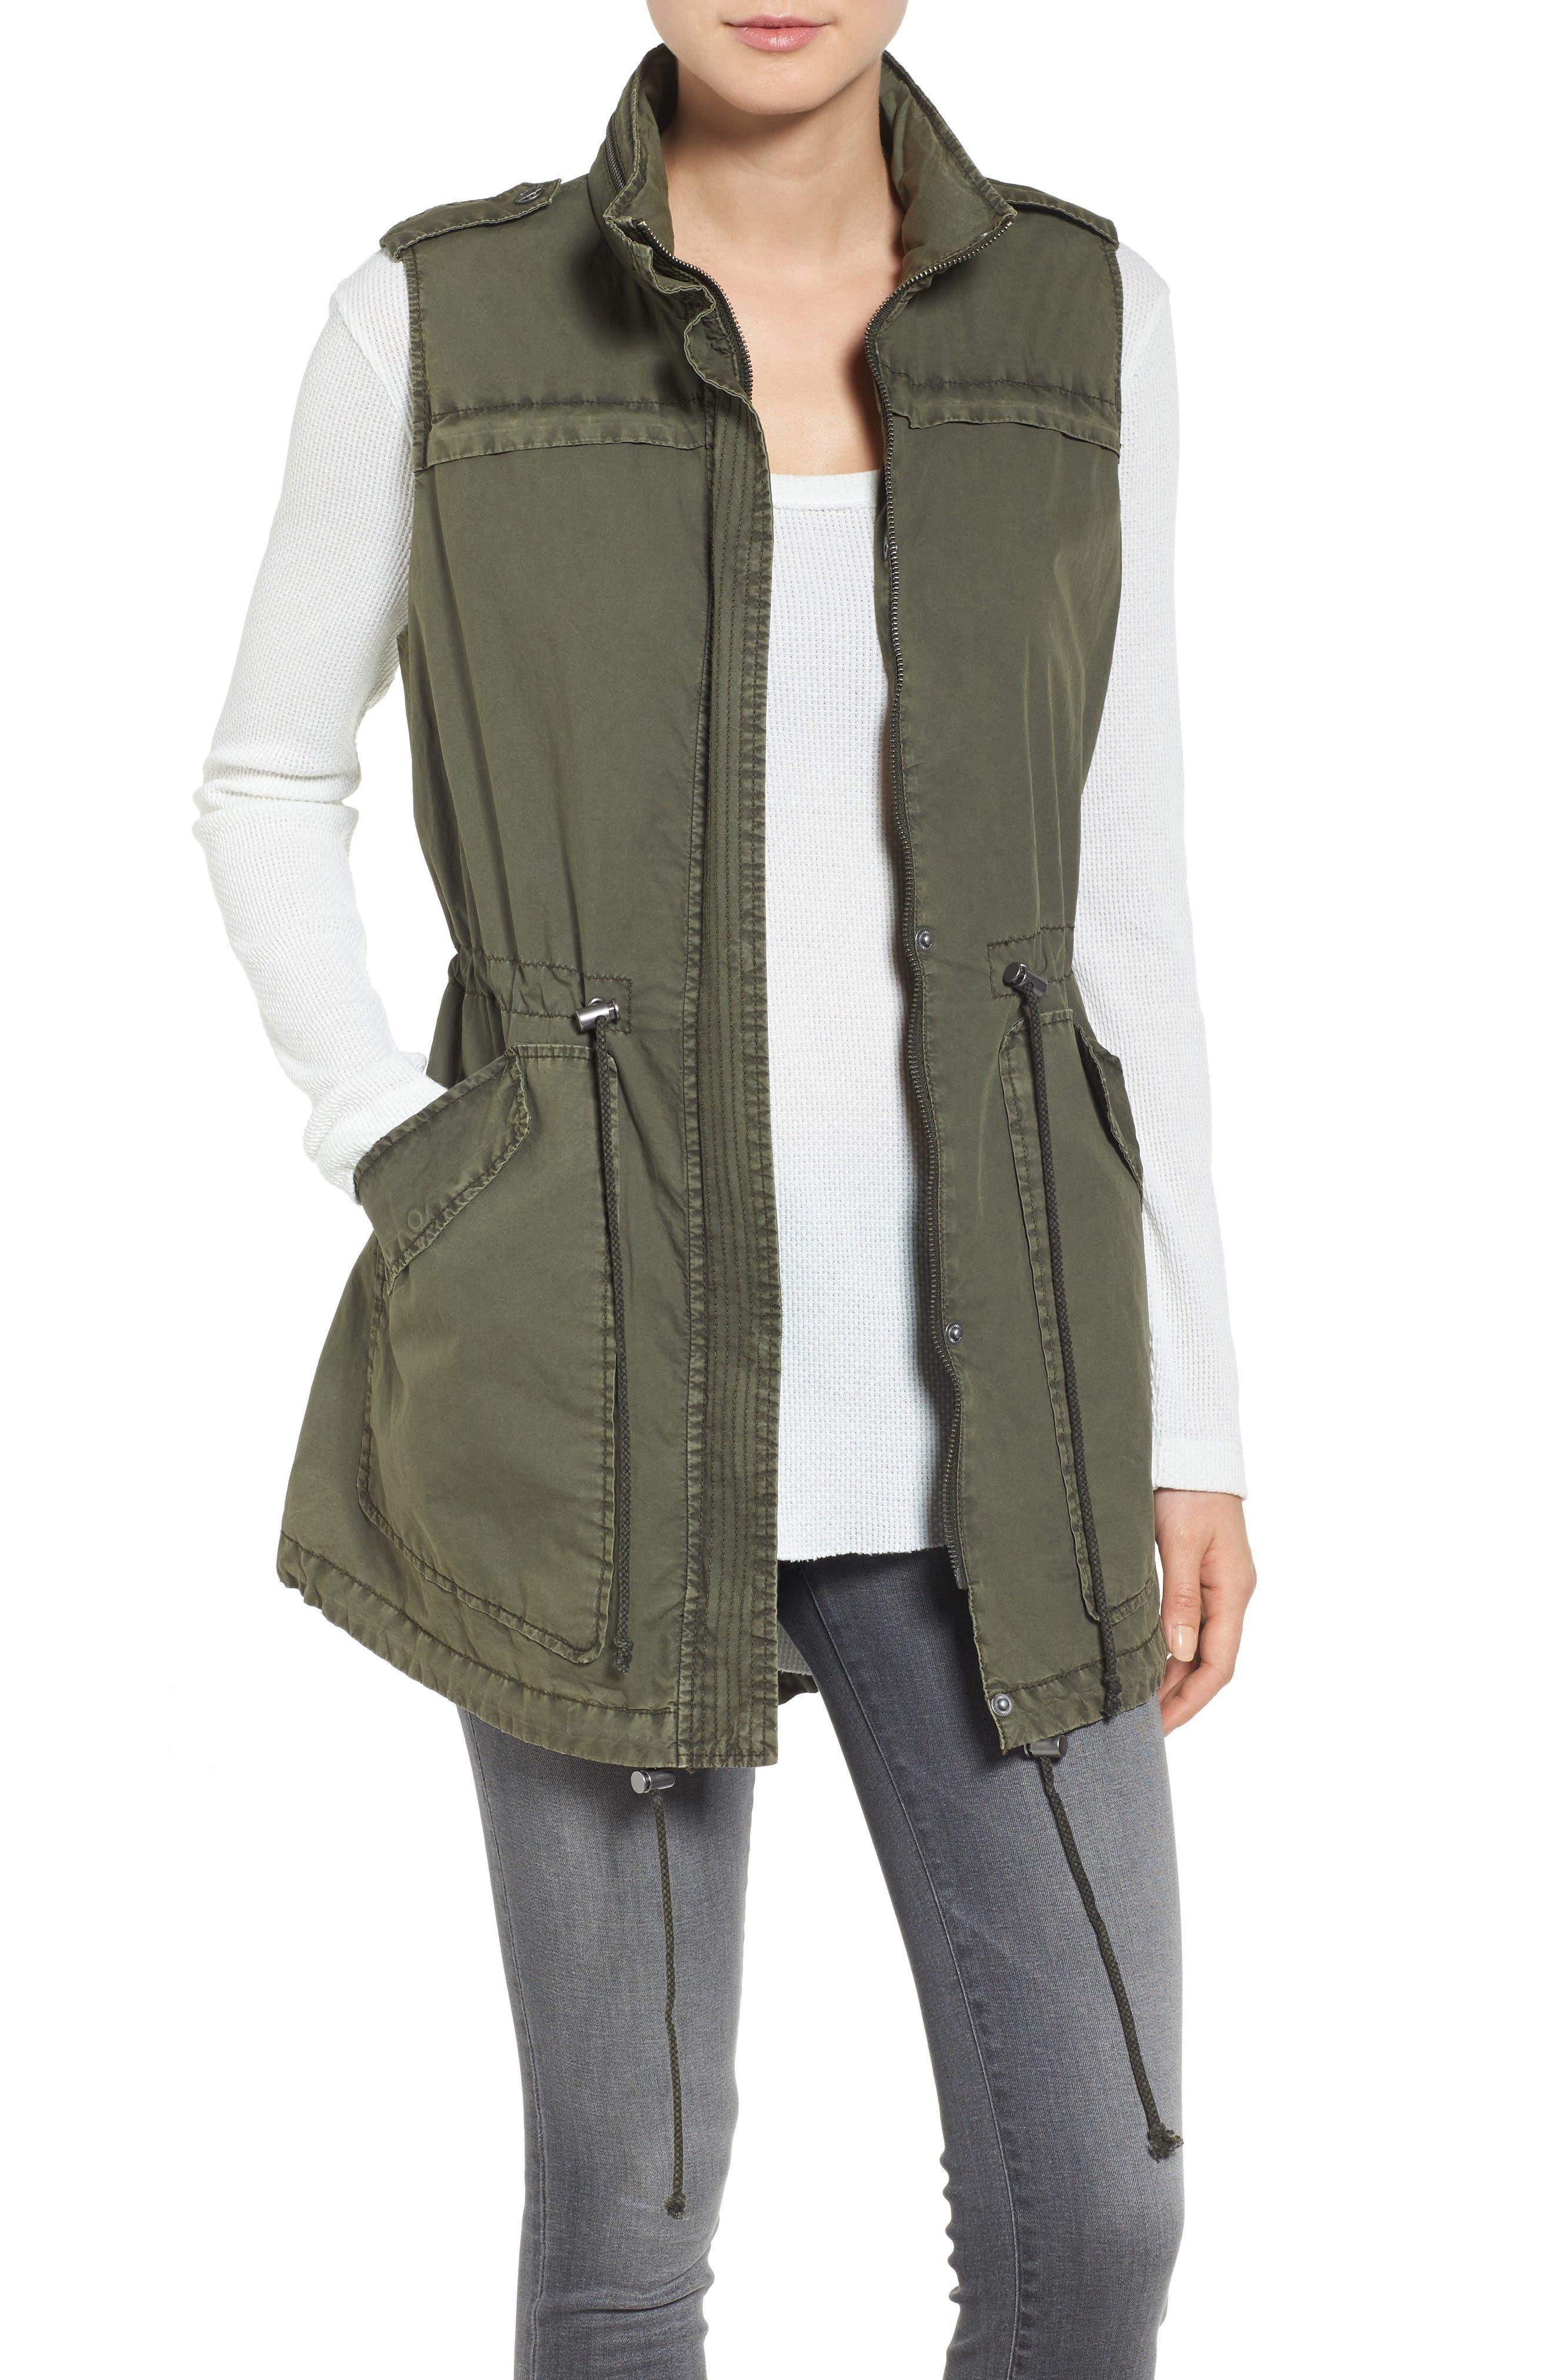 Levi's Parachute Cotton Vest,                             Main thumbnail 1, color,                             Army Green